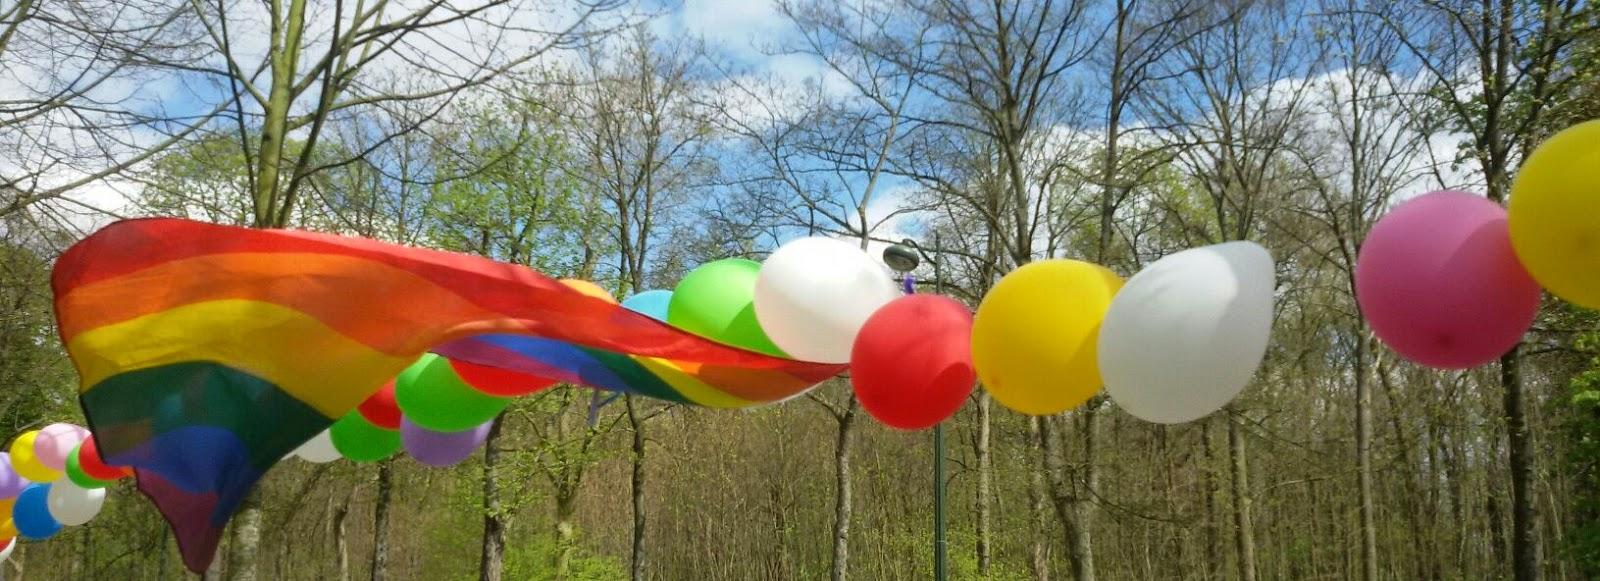 Barbecue & Co Feucherolles ultimate glance: arc en ciel avec ou sans rainbow flag